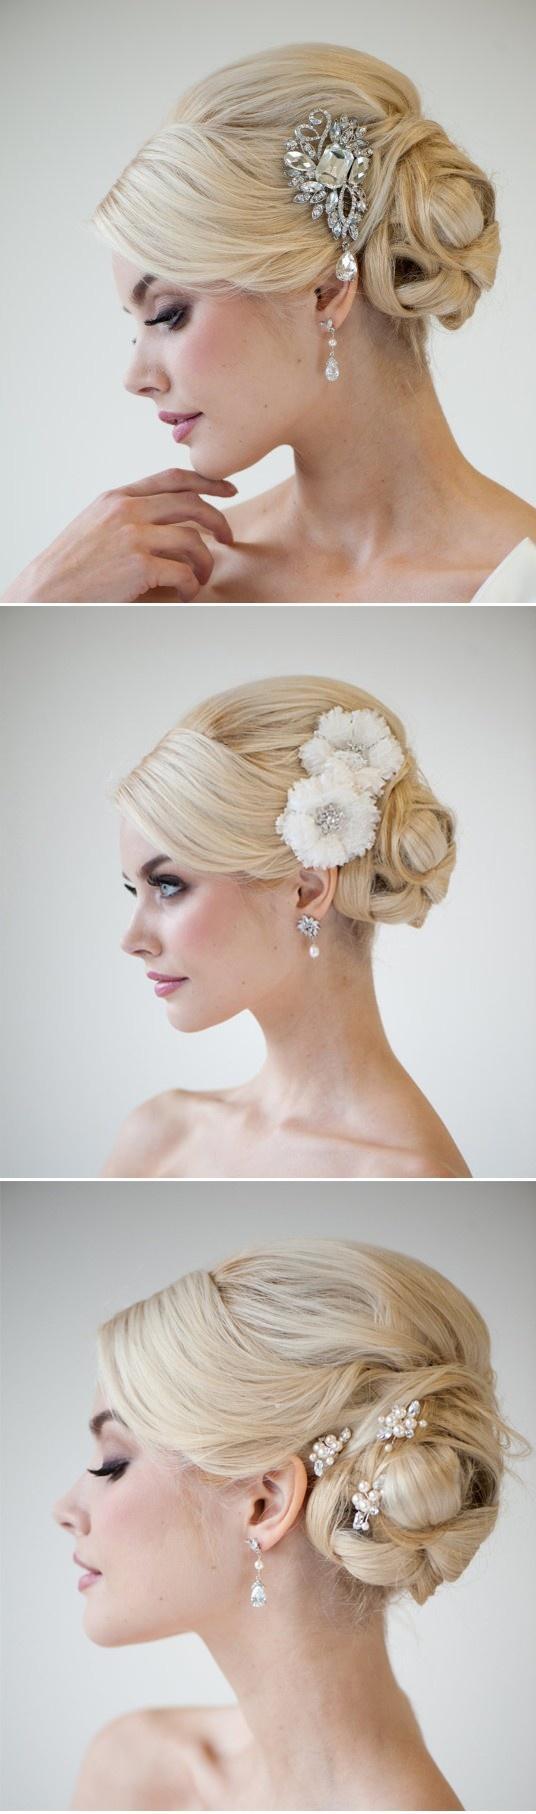 Hairstyles & Hair Accessories bridal-hair-accessor